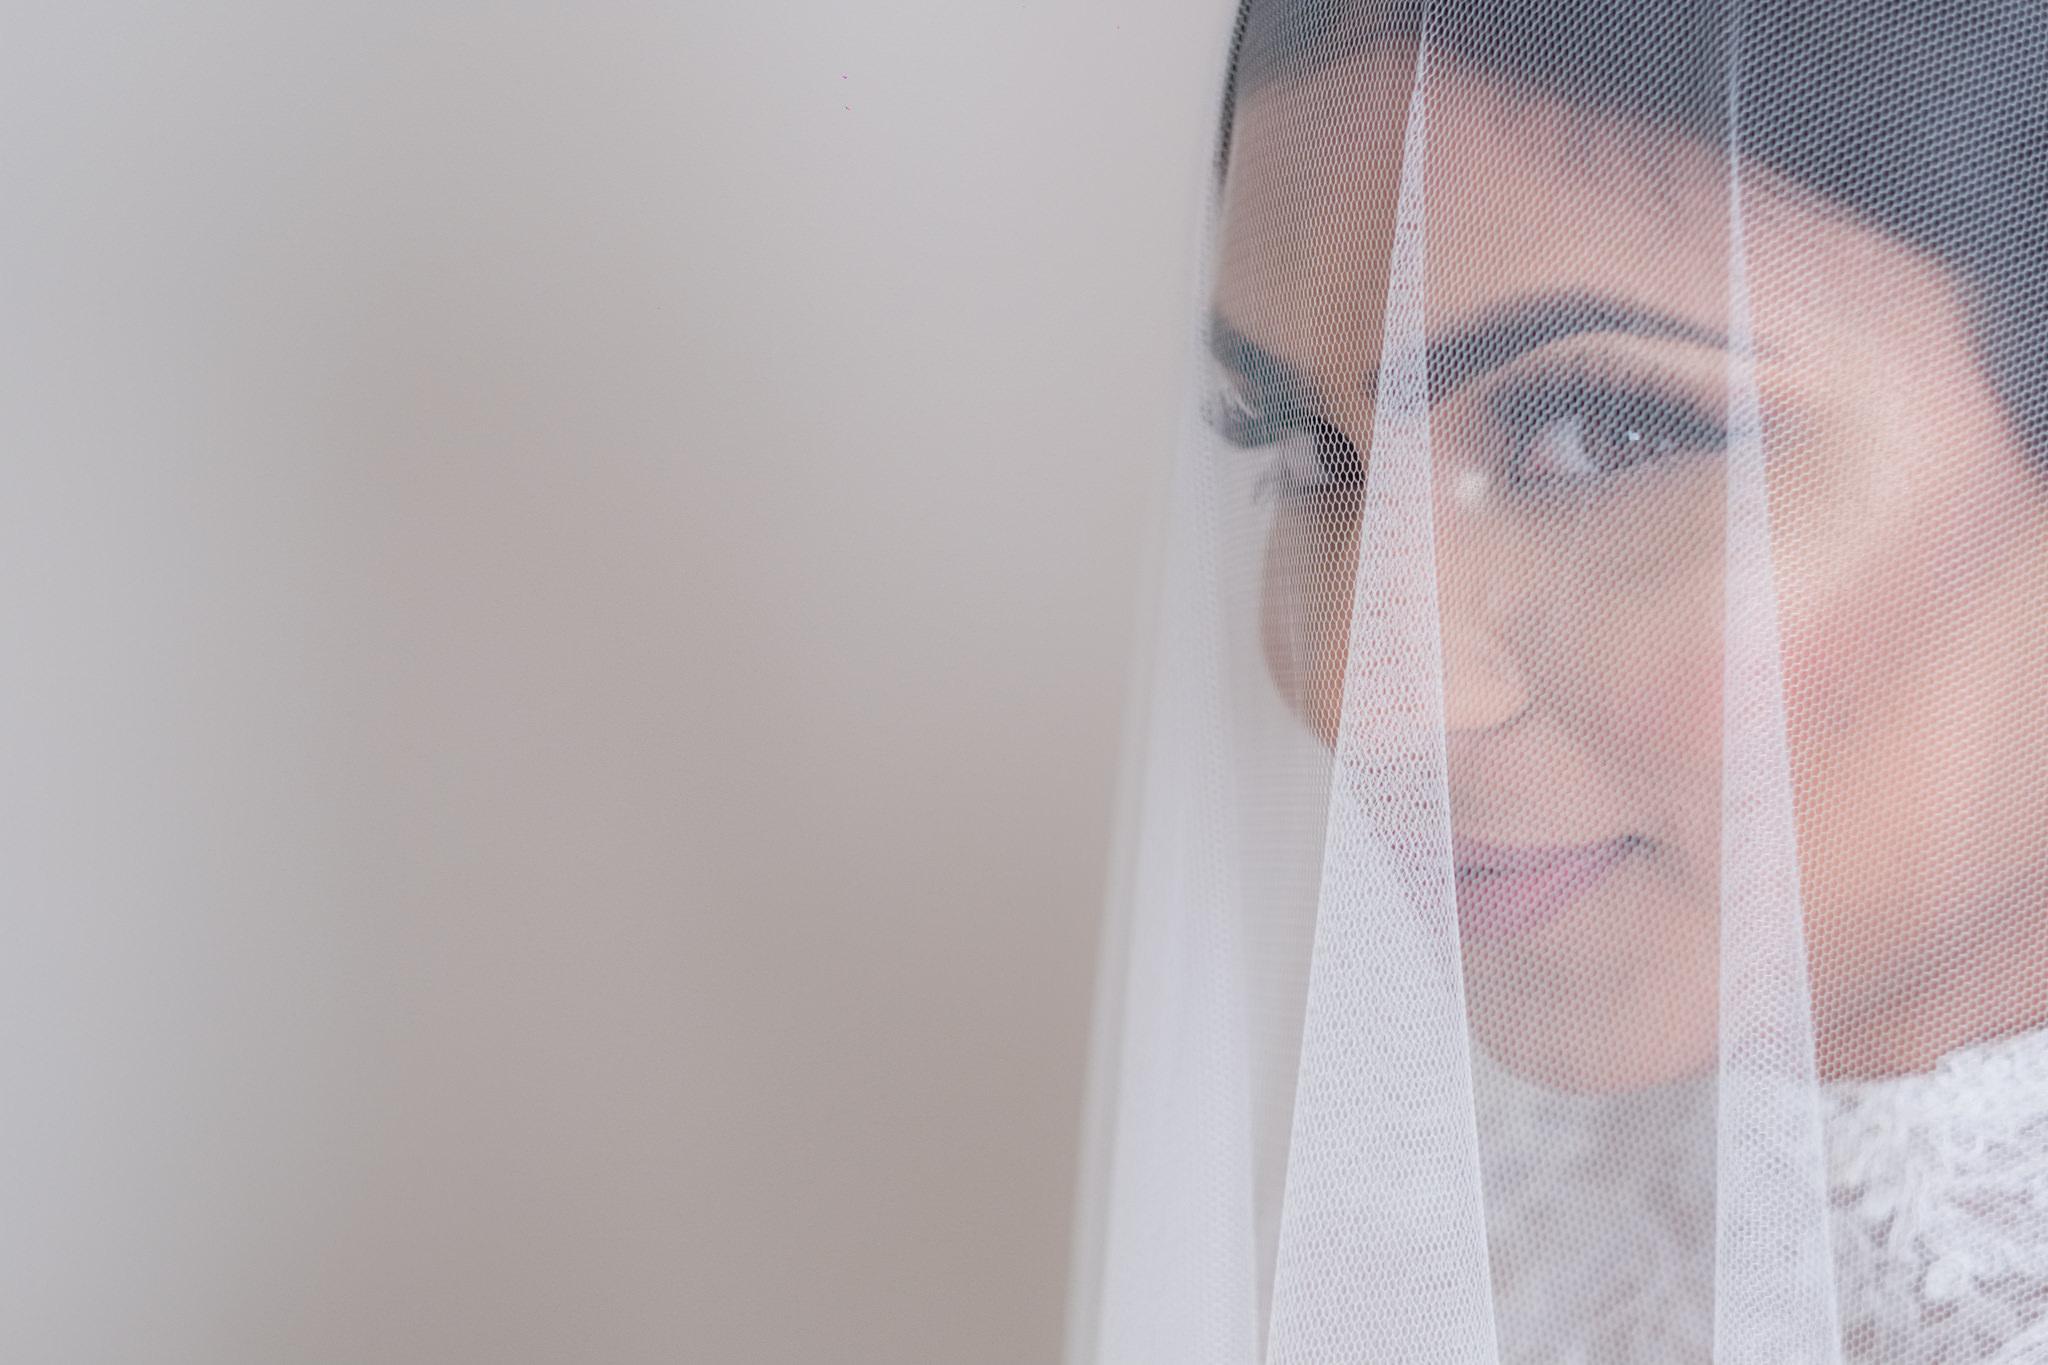 Oakley Court Wedding Photography - Rosie